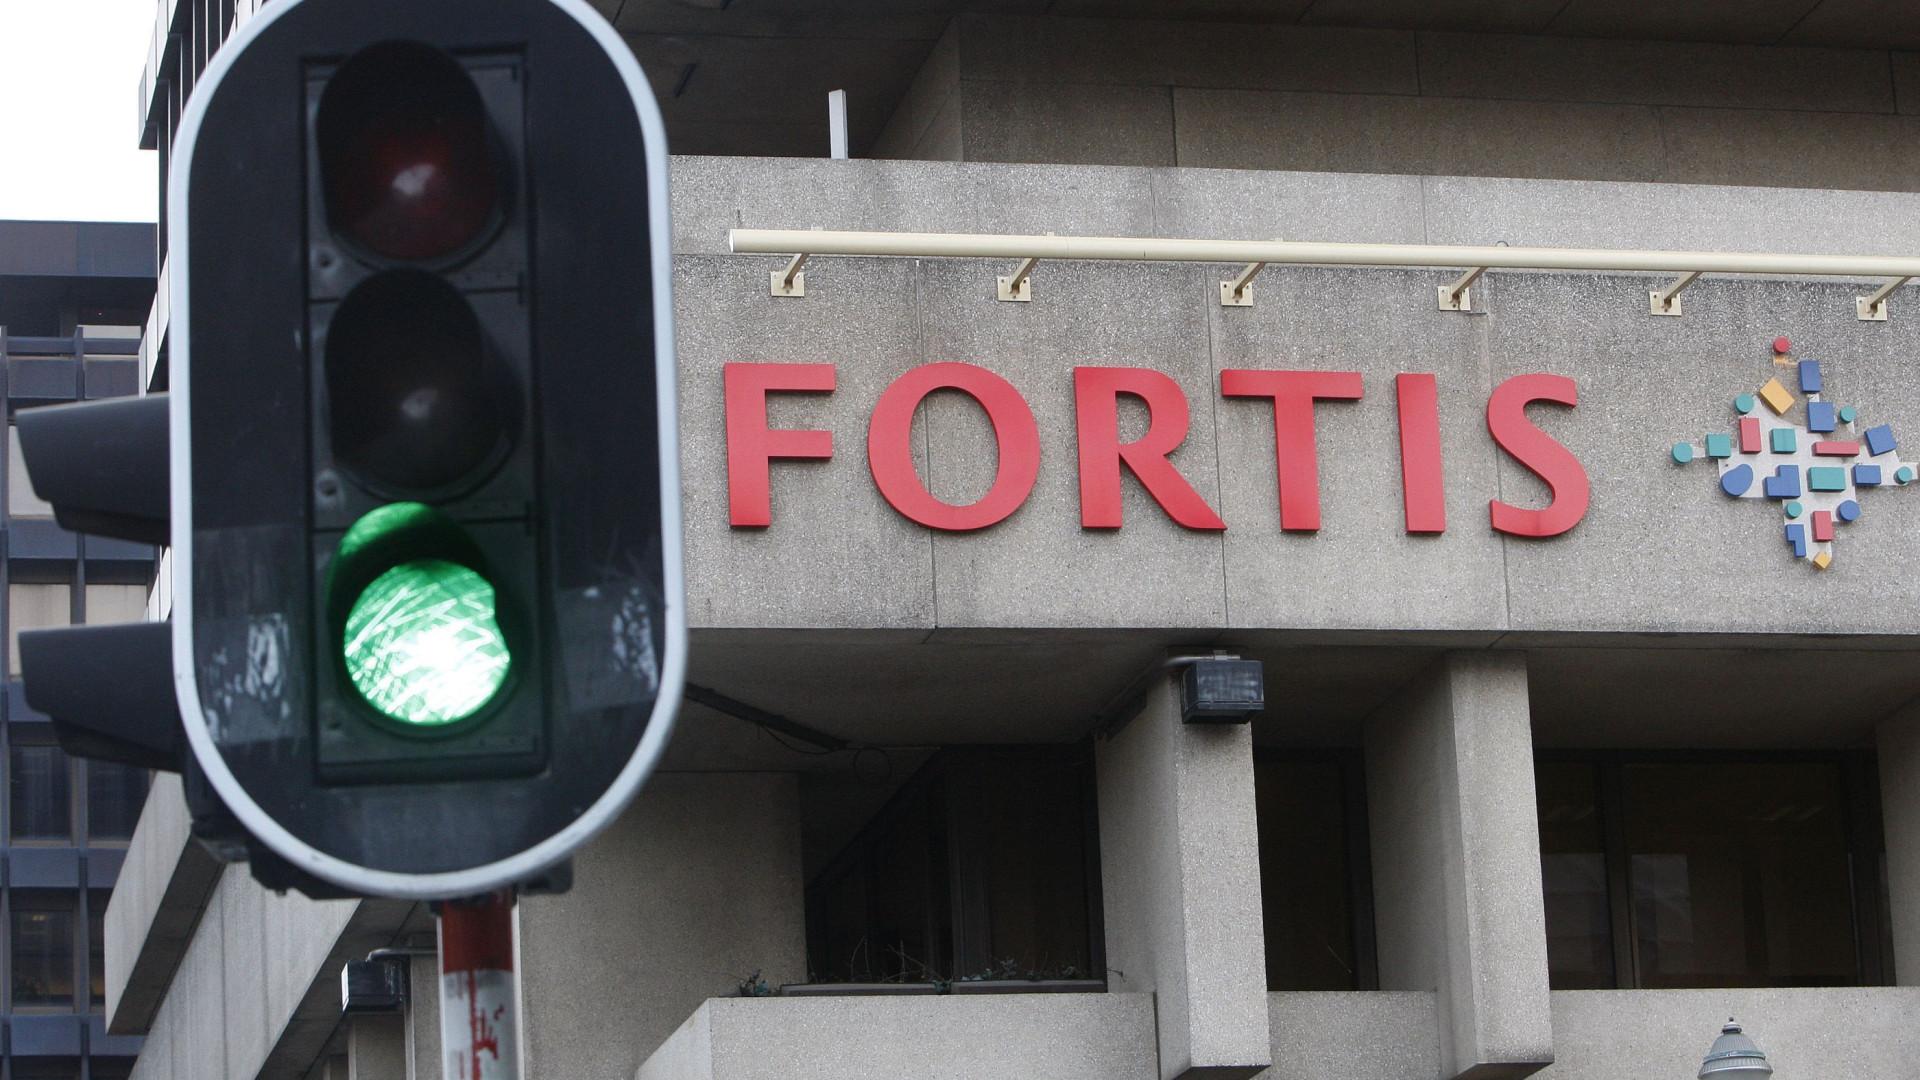 Acionistas do antigo banco Fortis têm um ano para pedir indemnizações